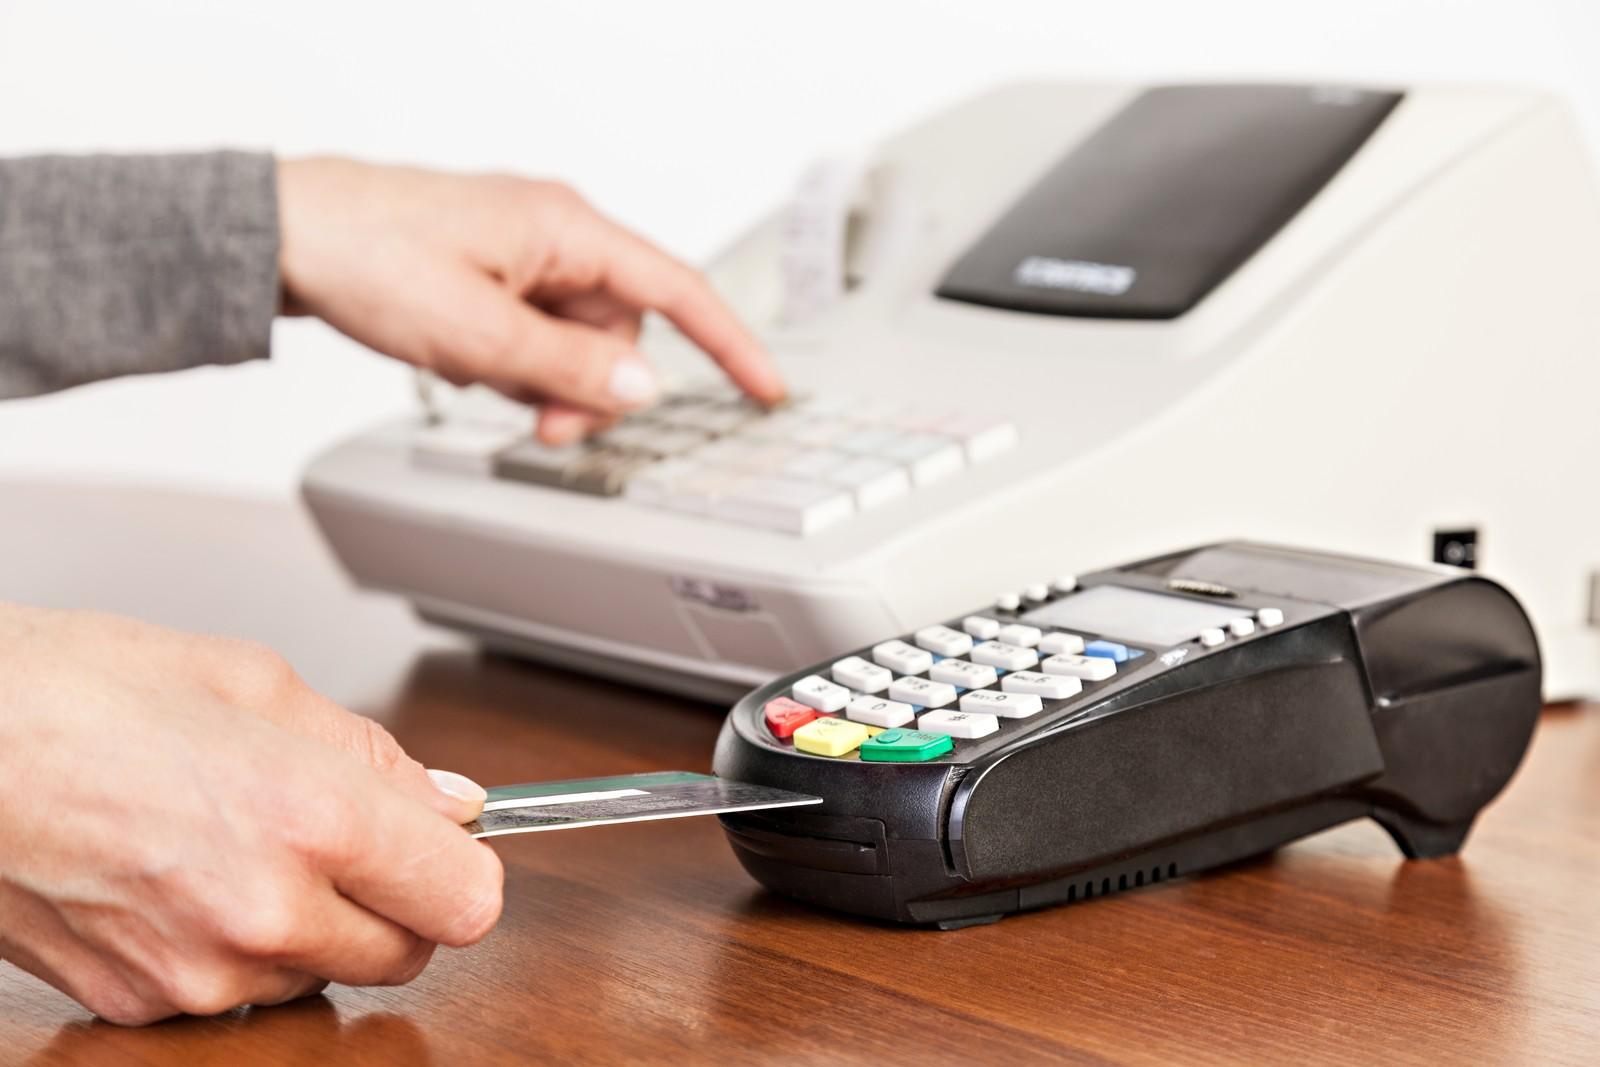 Handwerker müssen elektronische Kassen vom 1. Januar 2020 an mit einer technischen Sicherheitseinrichtung (TSE) aufrüsten.